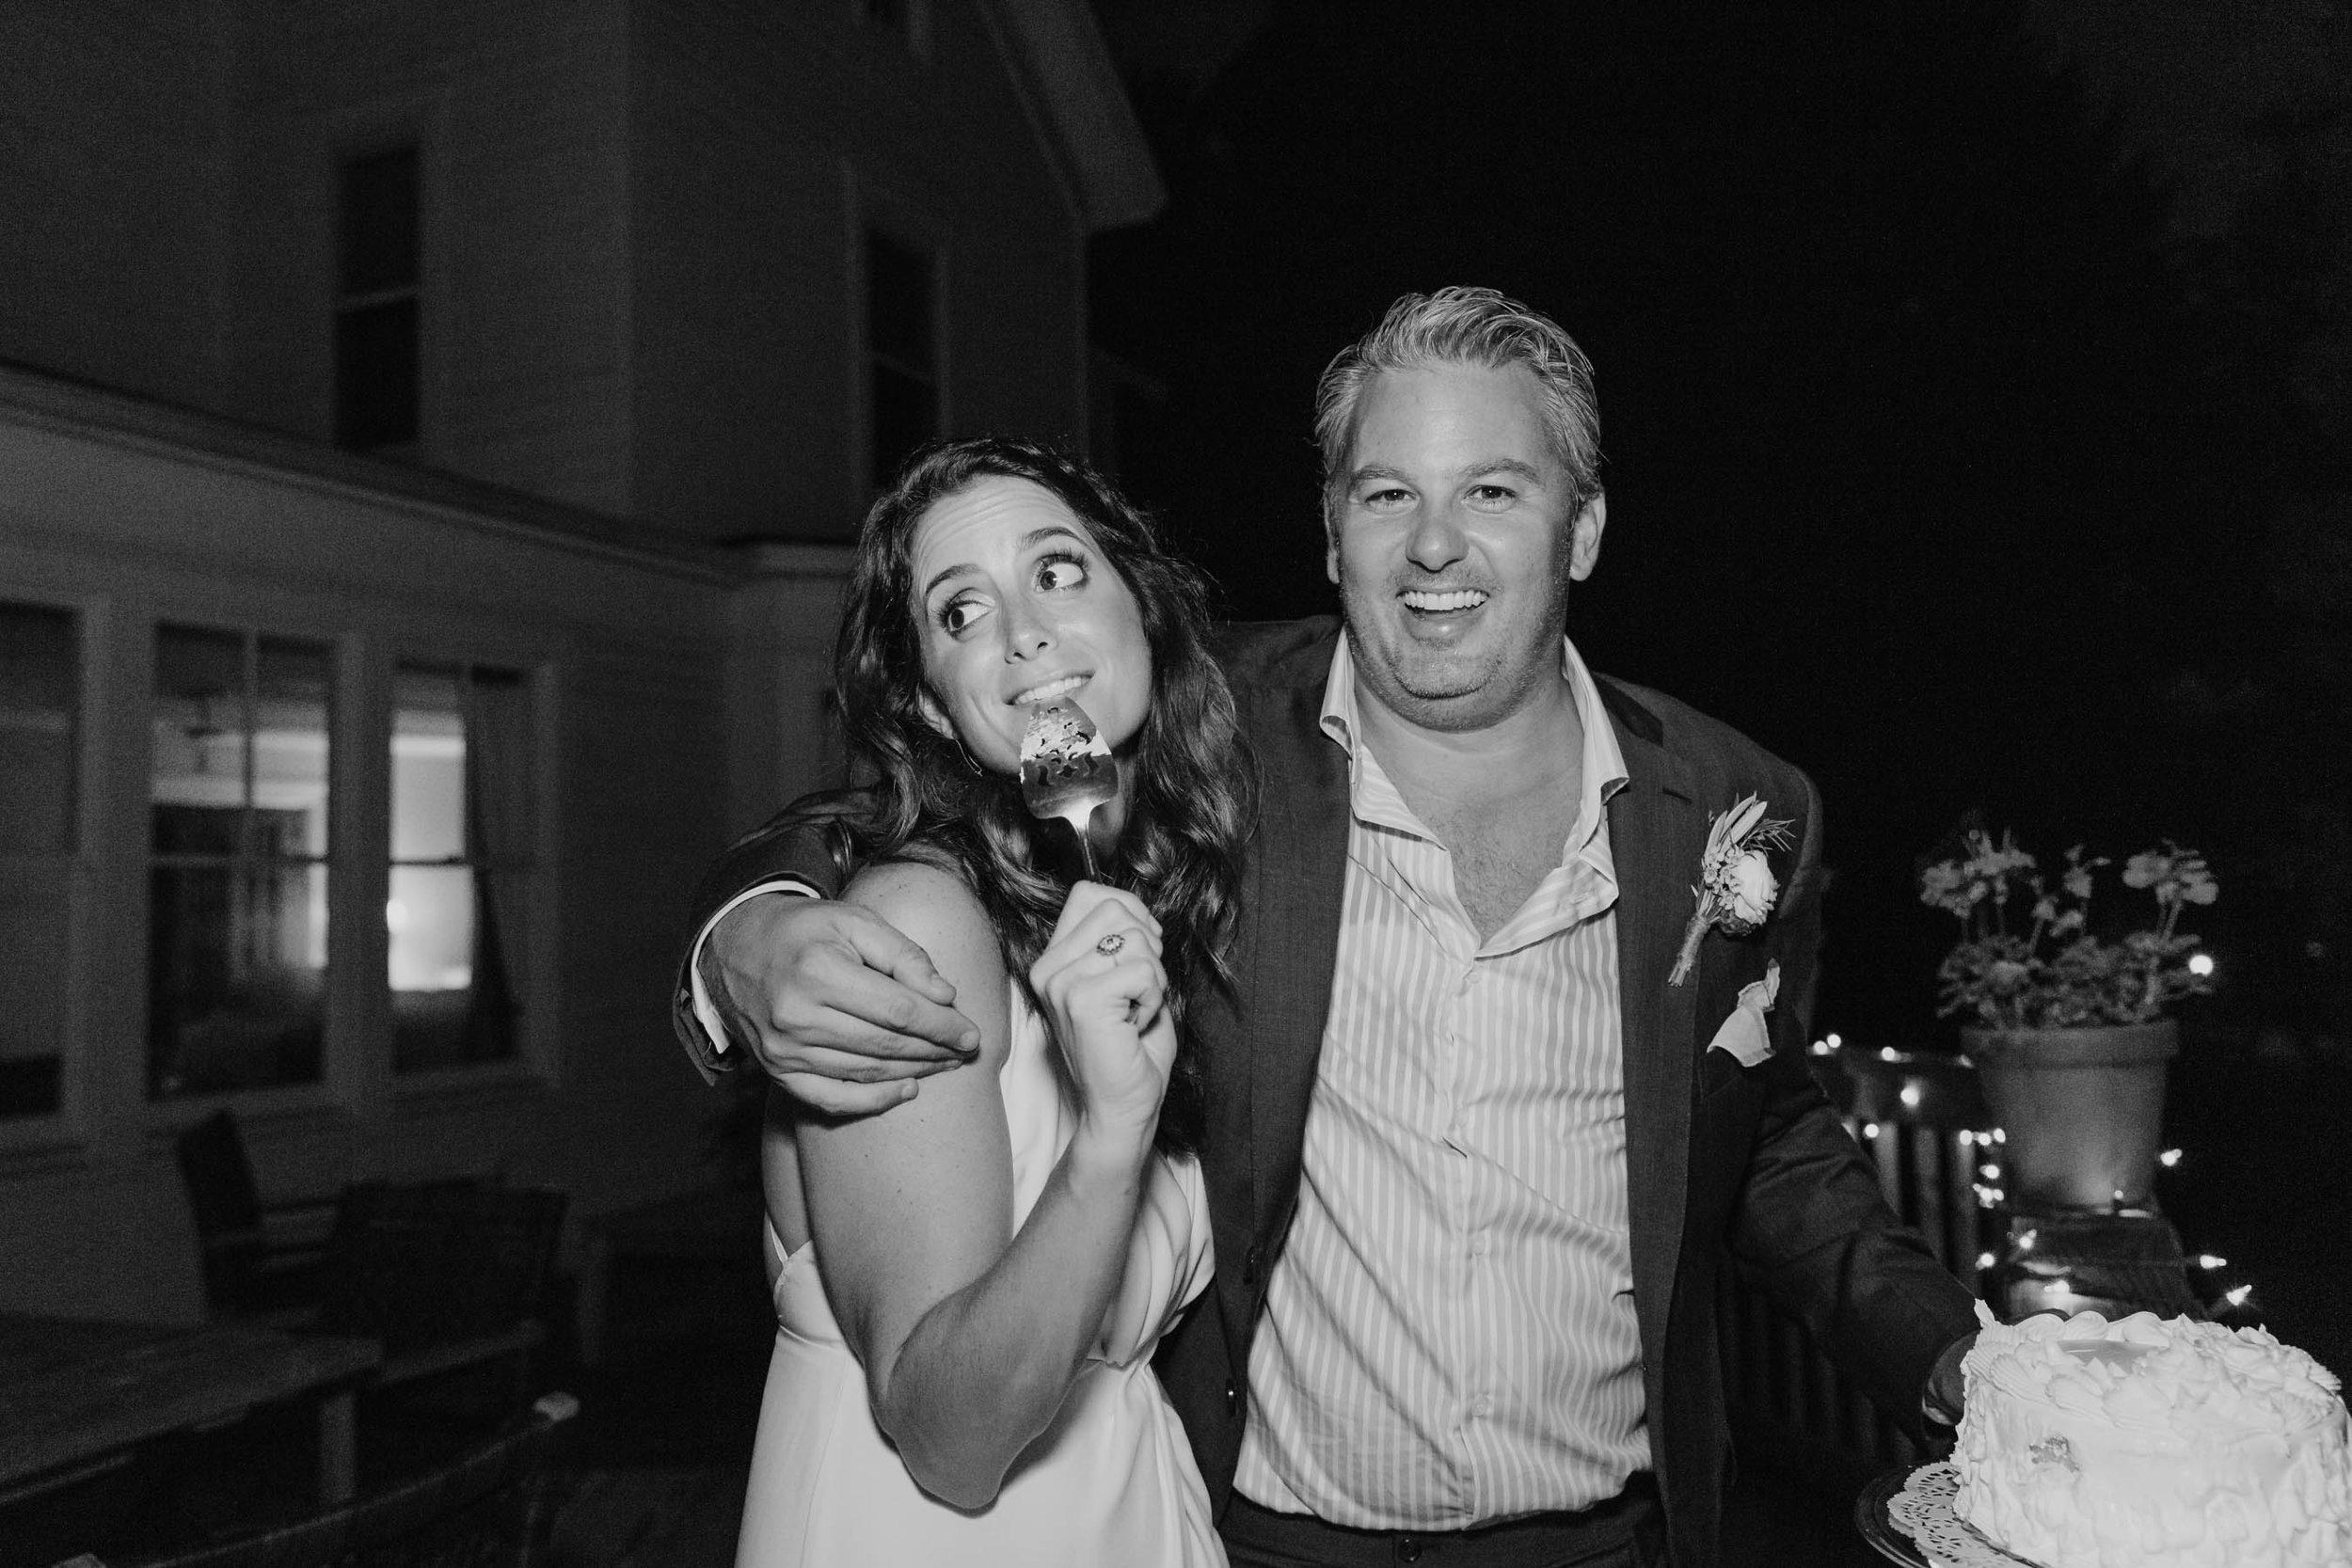 fairfield-county-connecticut-backyard-wedding-photographer--95.jpg